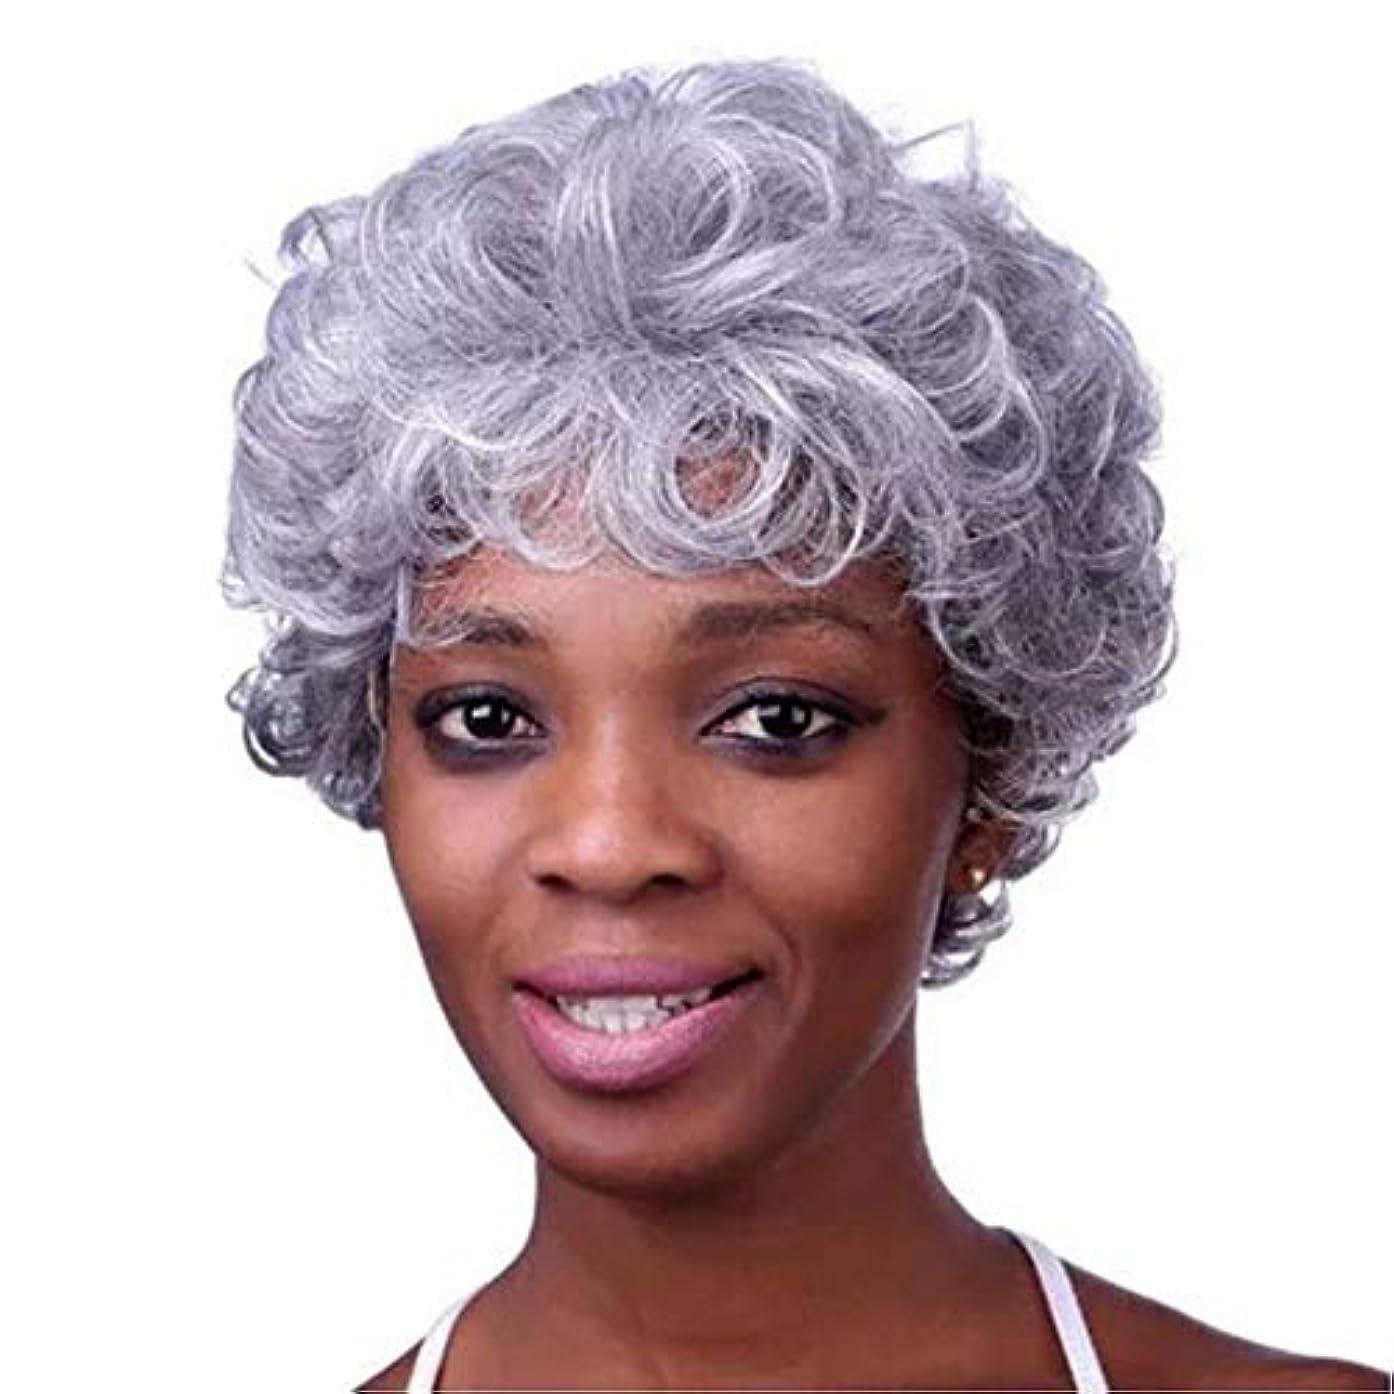 飛行場忠誠緩やかなKerwinner 本物の髪として女性のための前髪天然合成フルウィッグと白人女性ストレートグレーの髪のかつらをショートウィッグ